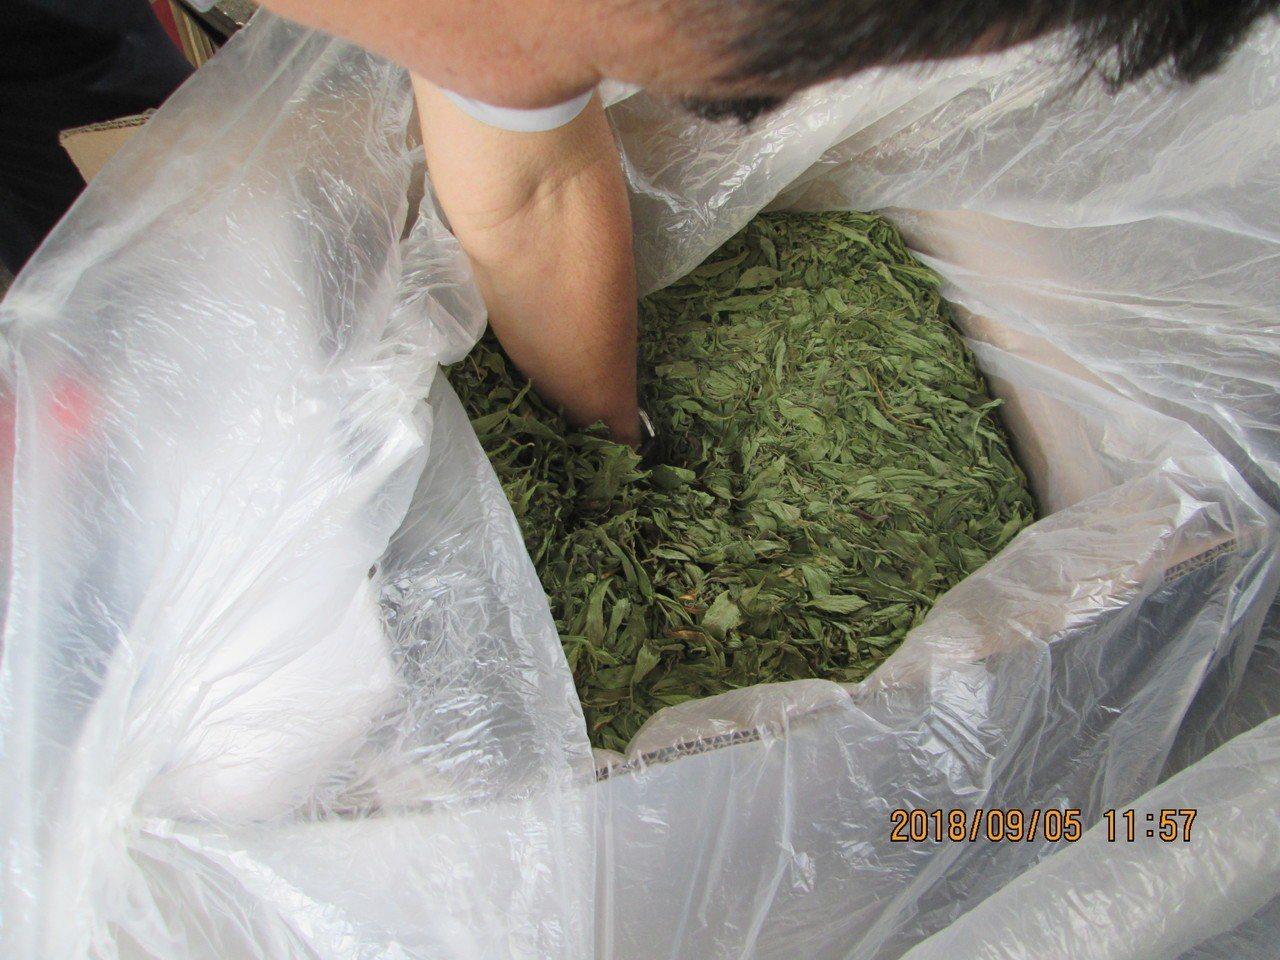 警方到倉庫落地檢查,深入追查每一箱中藥材。記者劉星君/翻攝